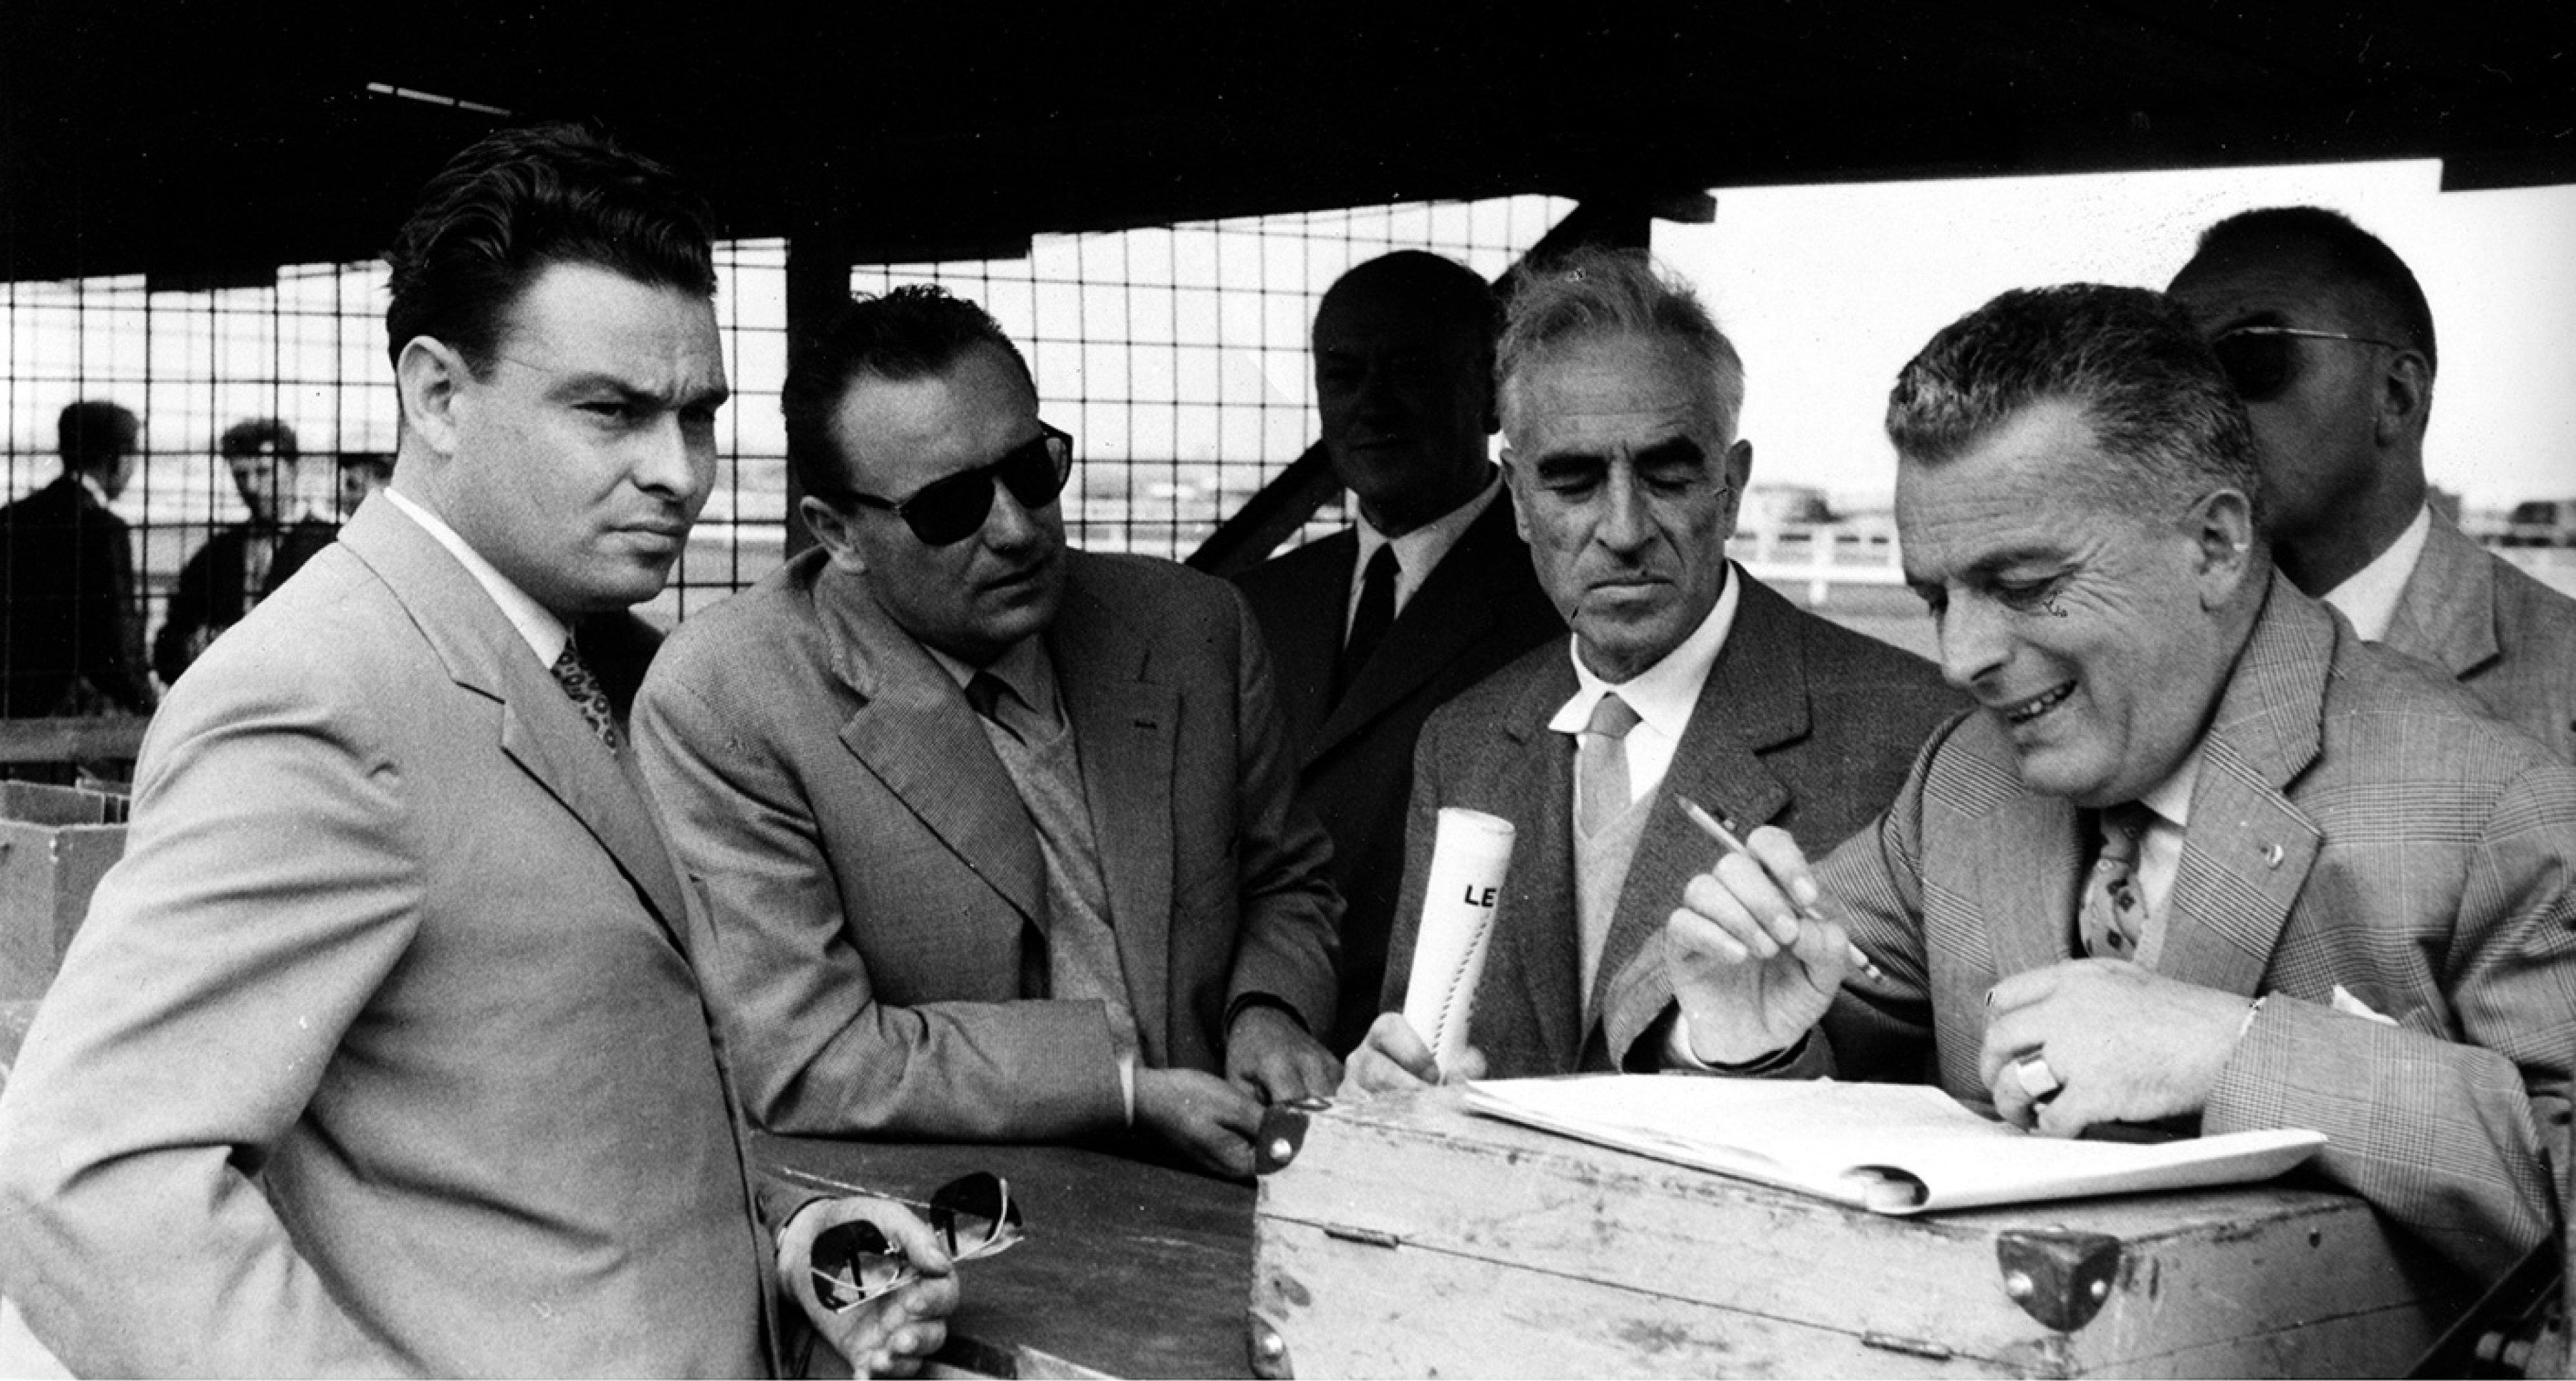 L-R: Giulio Alfieri, Omar Orsi, Giovanni Canestrini and Nello Ugolini